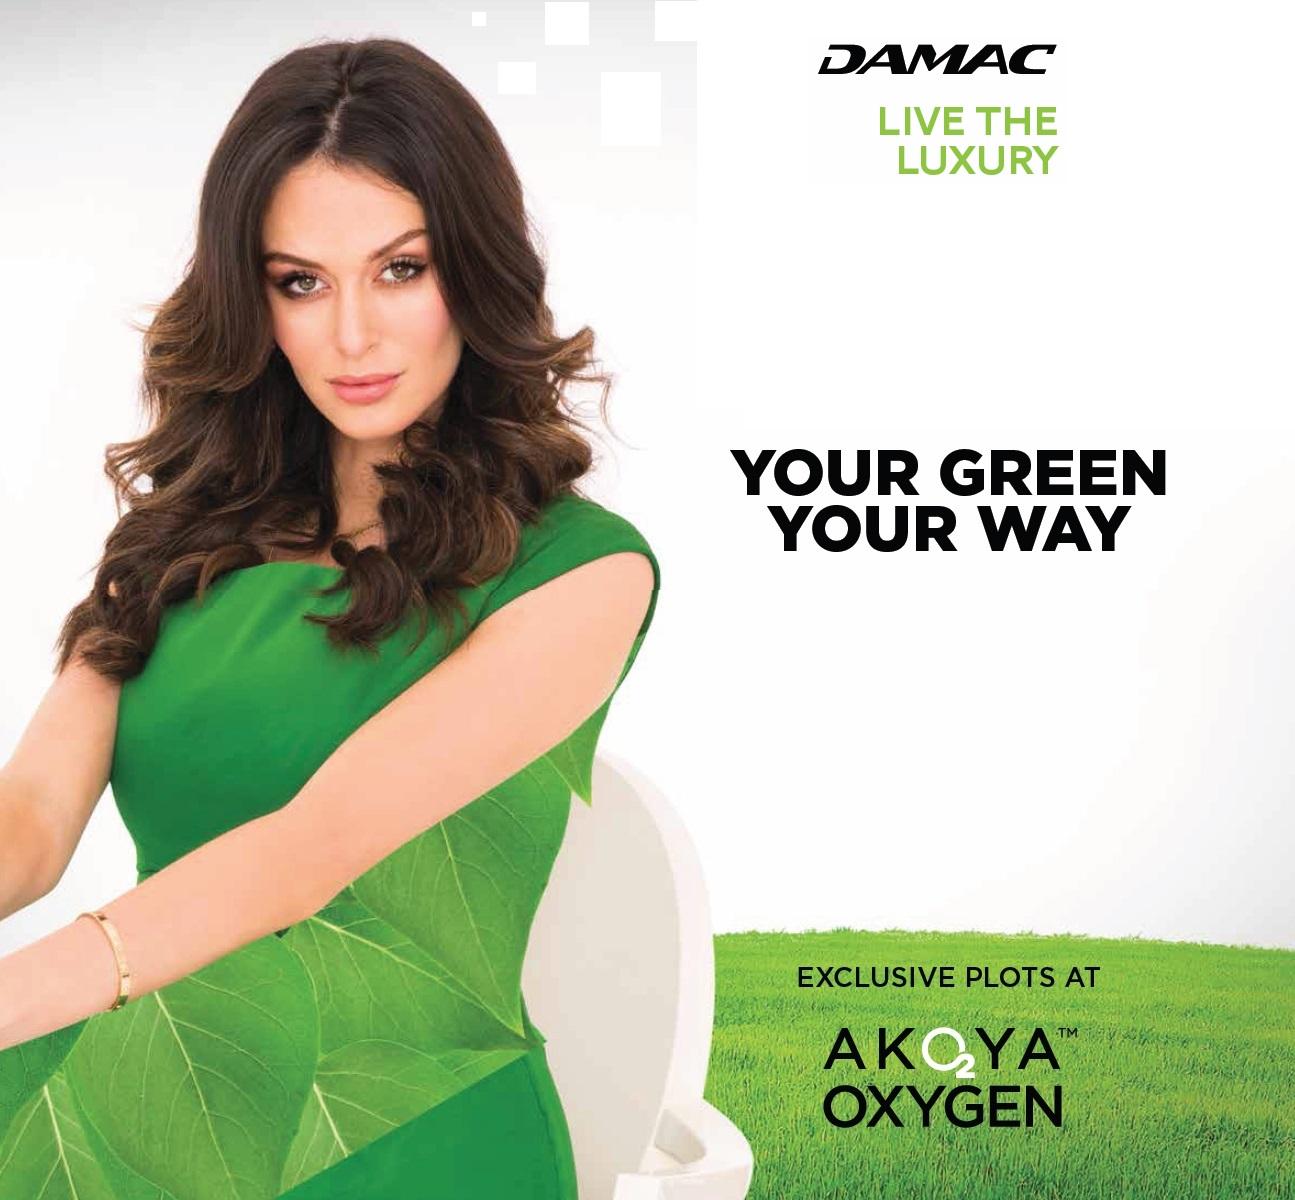 Hawthorn Akoya Oxygen by DAMAC